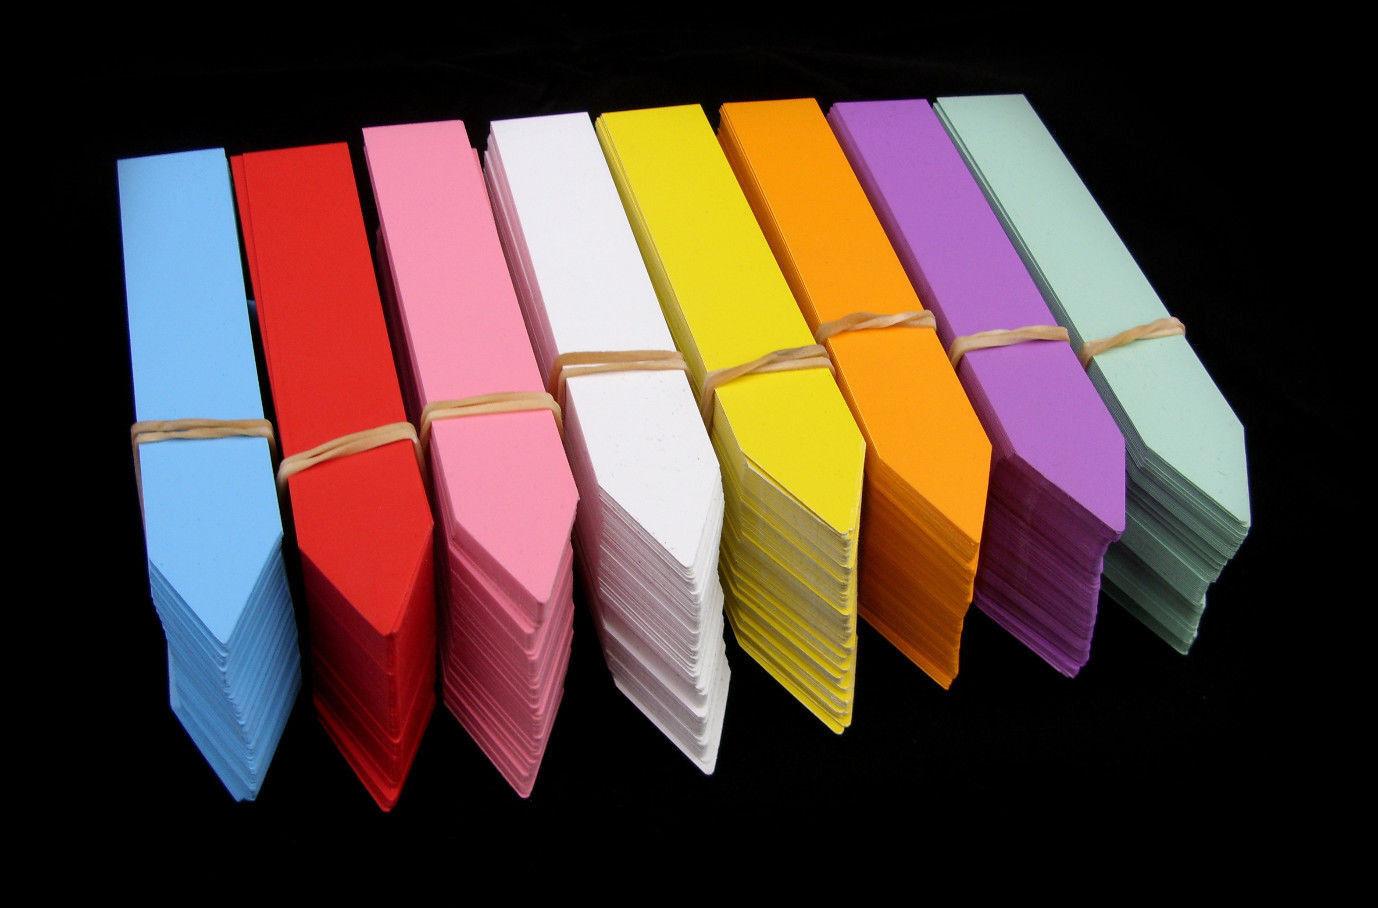 Stecketiketten 1,6x10 farbig Etiketten Pflanzschilder Pflanzenetiketten Schilder